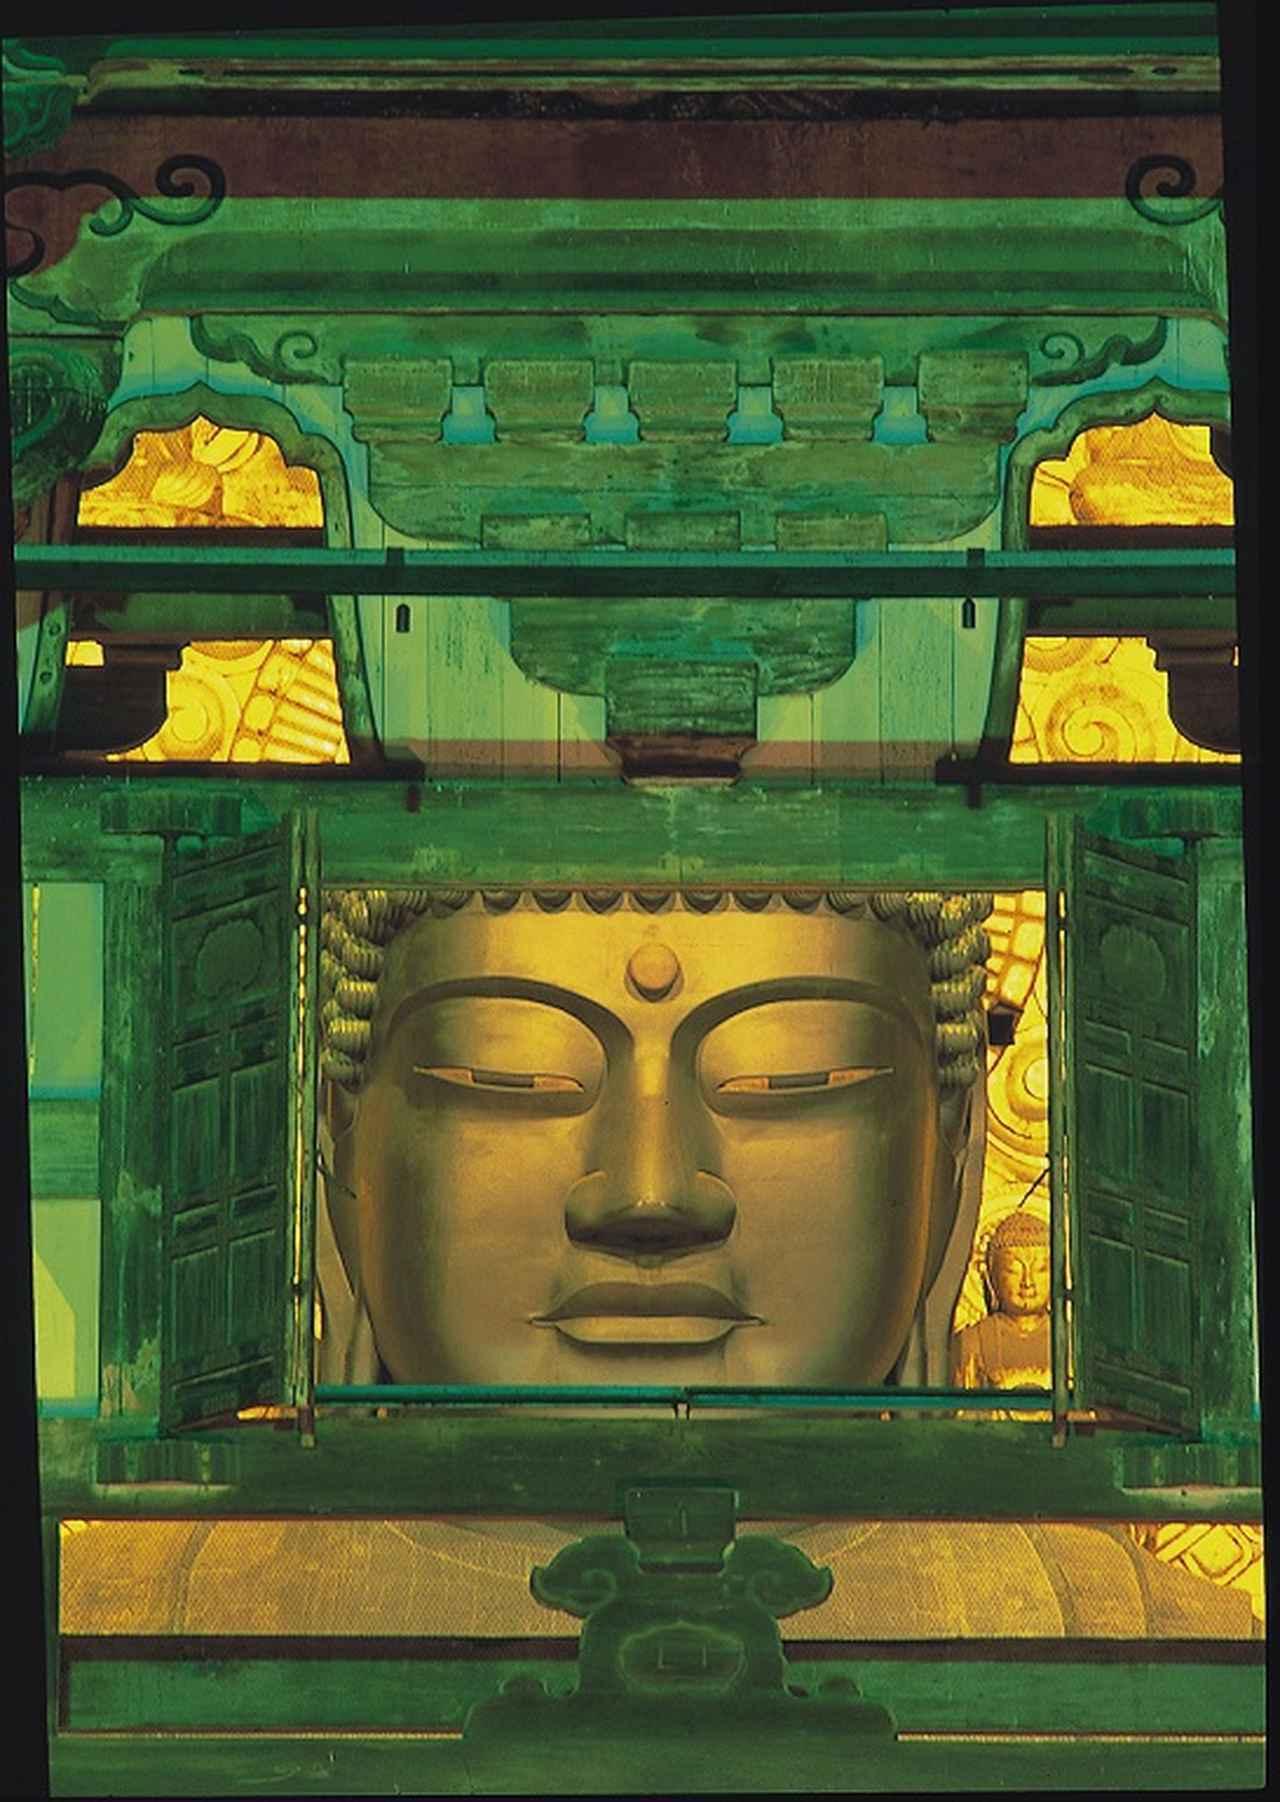 画像: 東大寺・大仏殿「観相窓」からのぞむ 国宝・盧舎那仏坐像 写真提供:奈良市観光協会